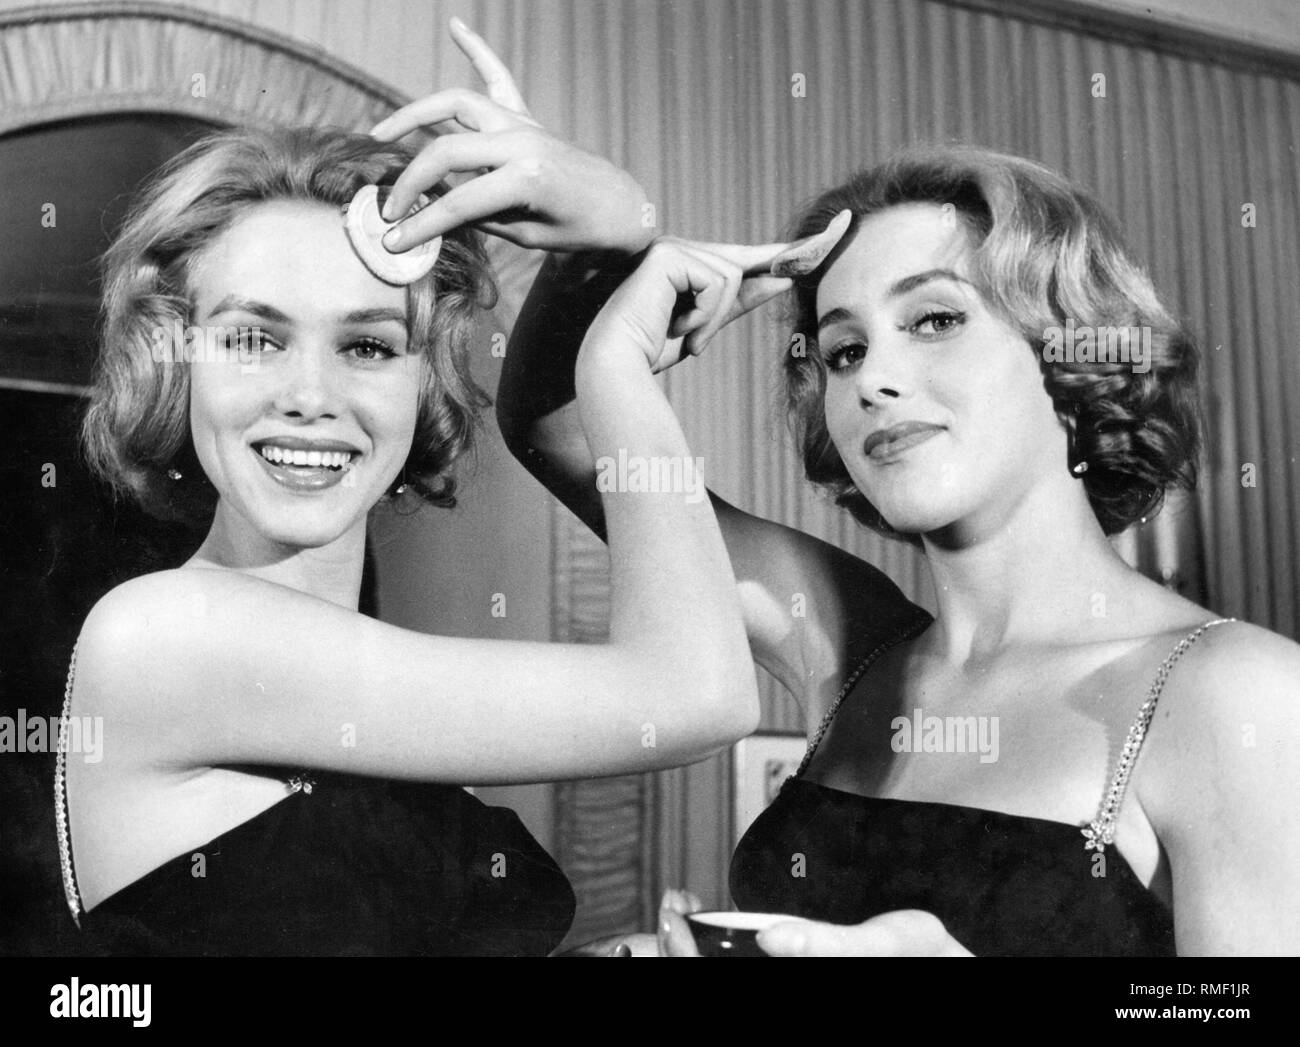 The Kessler twins, Alice and Allen Kessler, put on make-up. - Stock Image